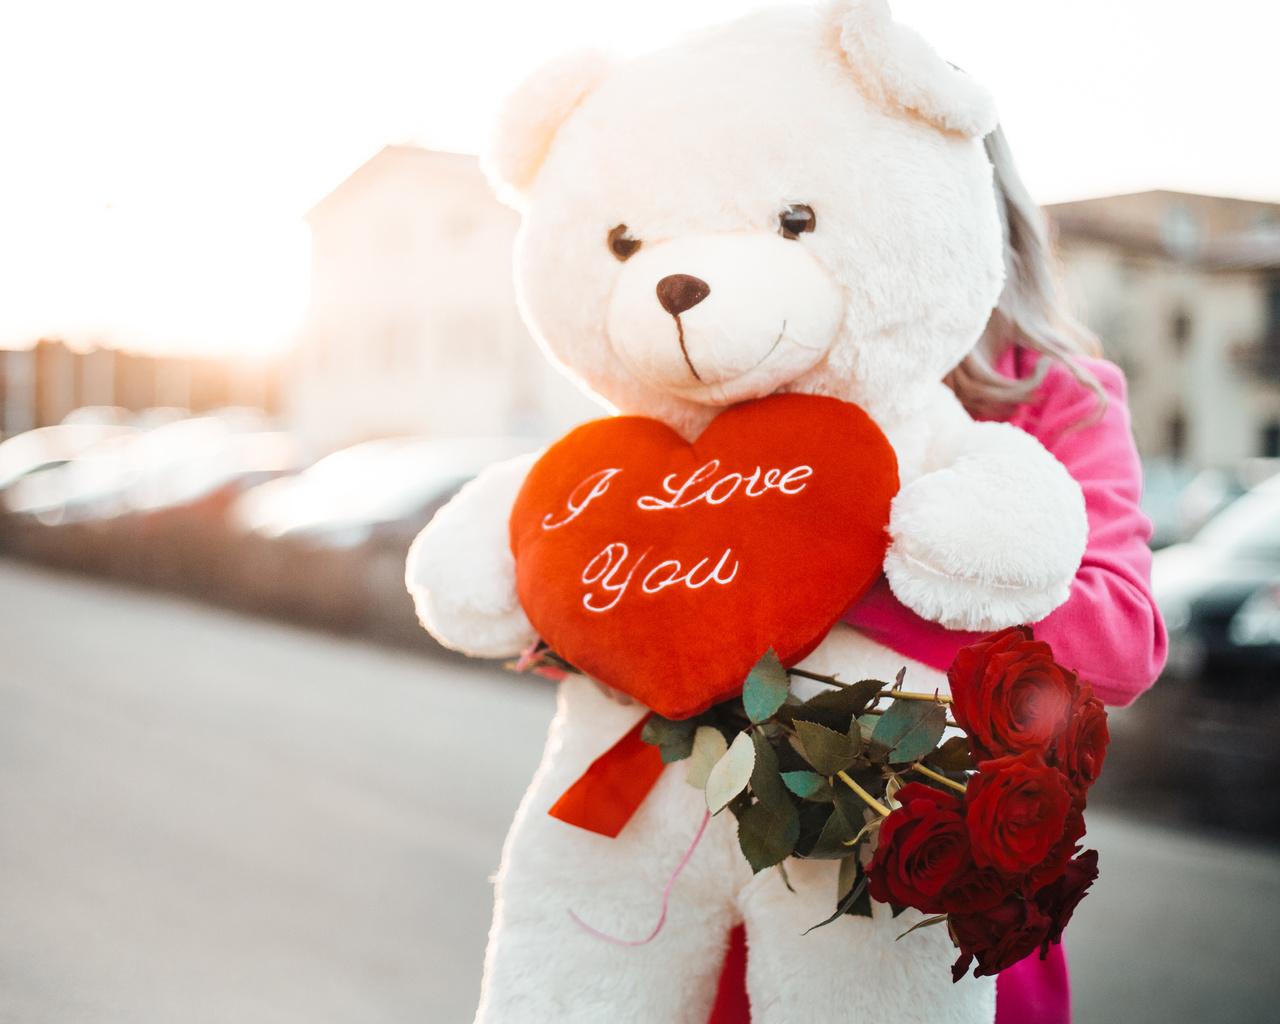 медведи, игрушка, сердце